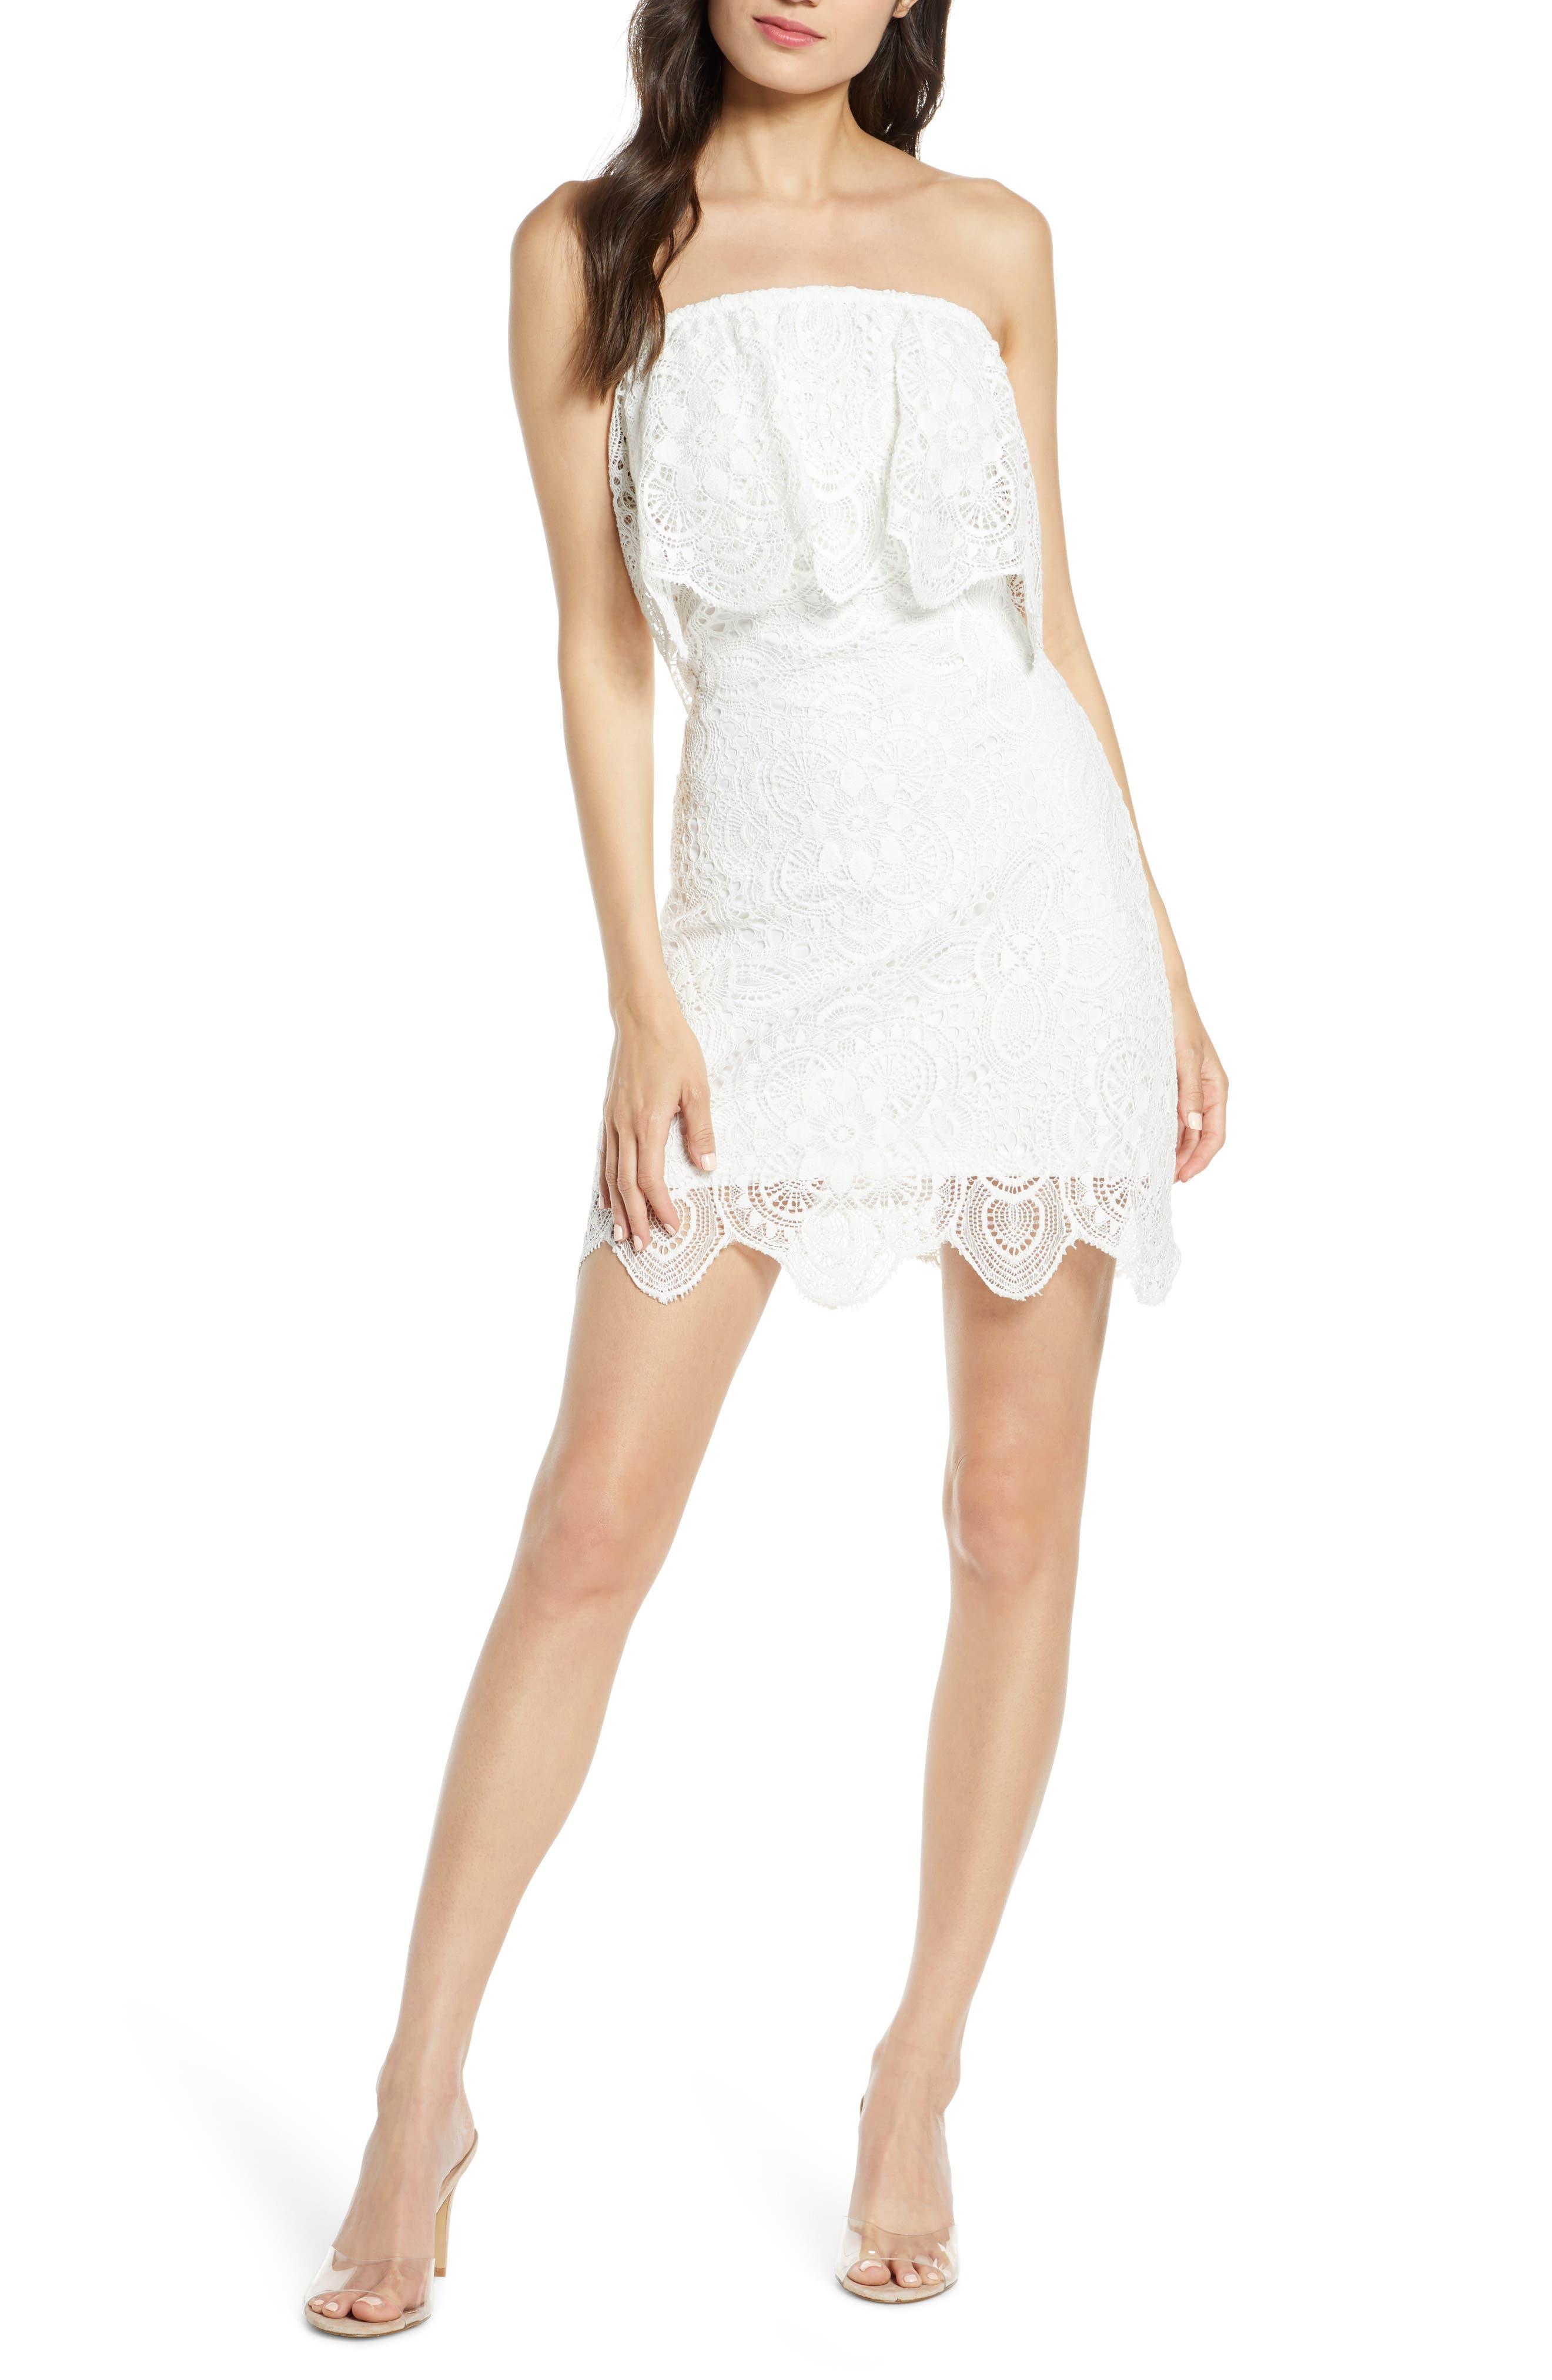 Bb Dakota A Lace Of You Strapless Lace Minidress, Ivory